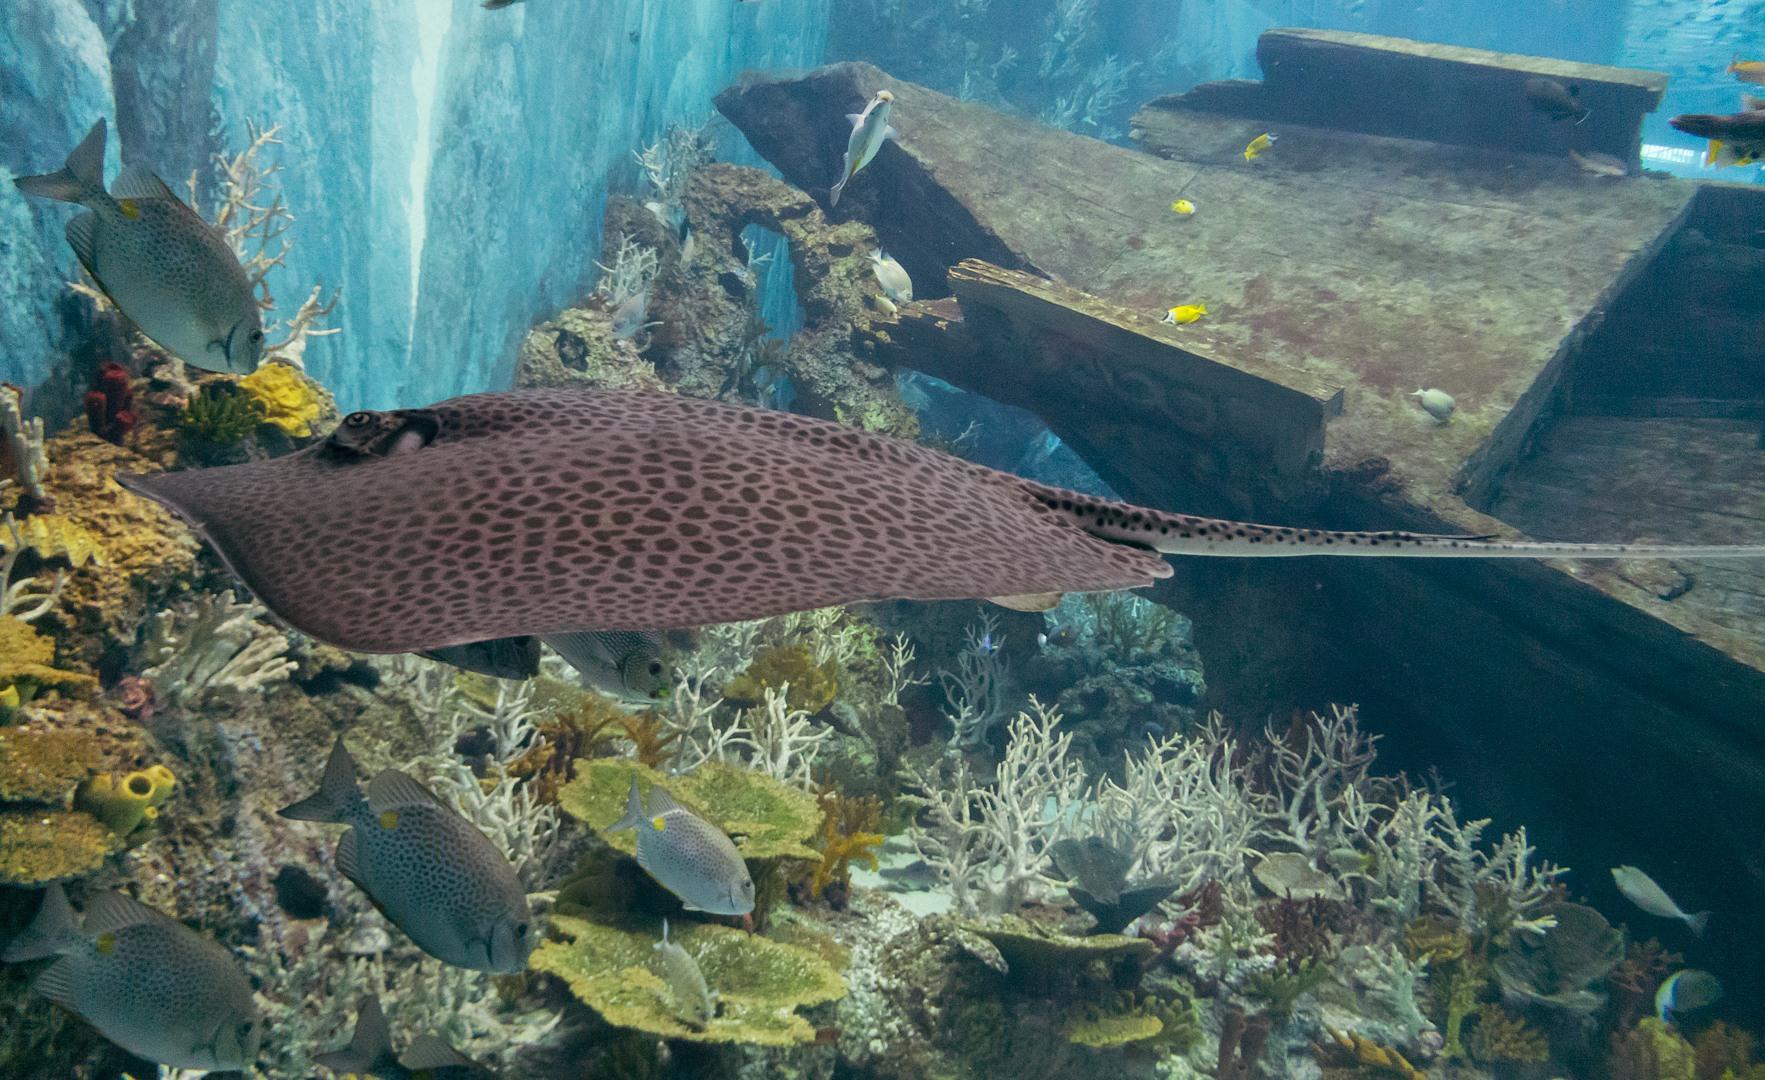 Леопардовый хвостокол, Honeycomb whipray (Himantura undulata), S.E.A. Aquarium